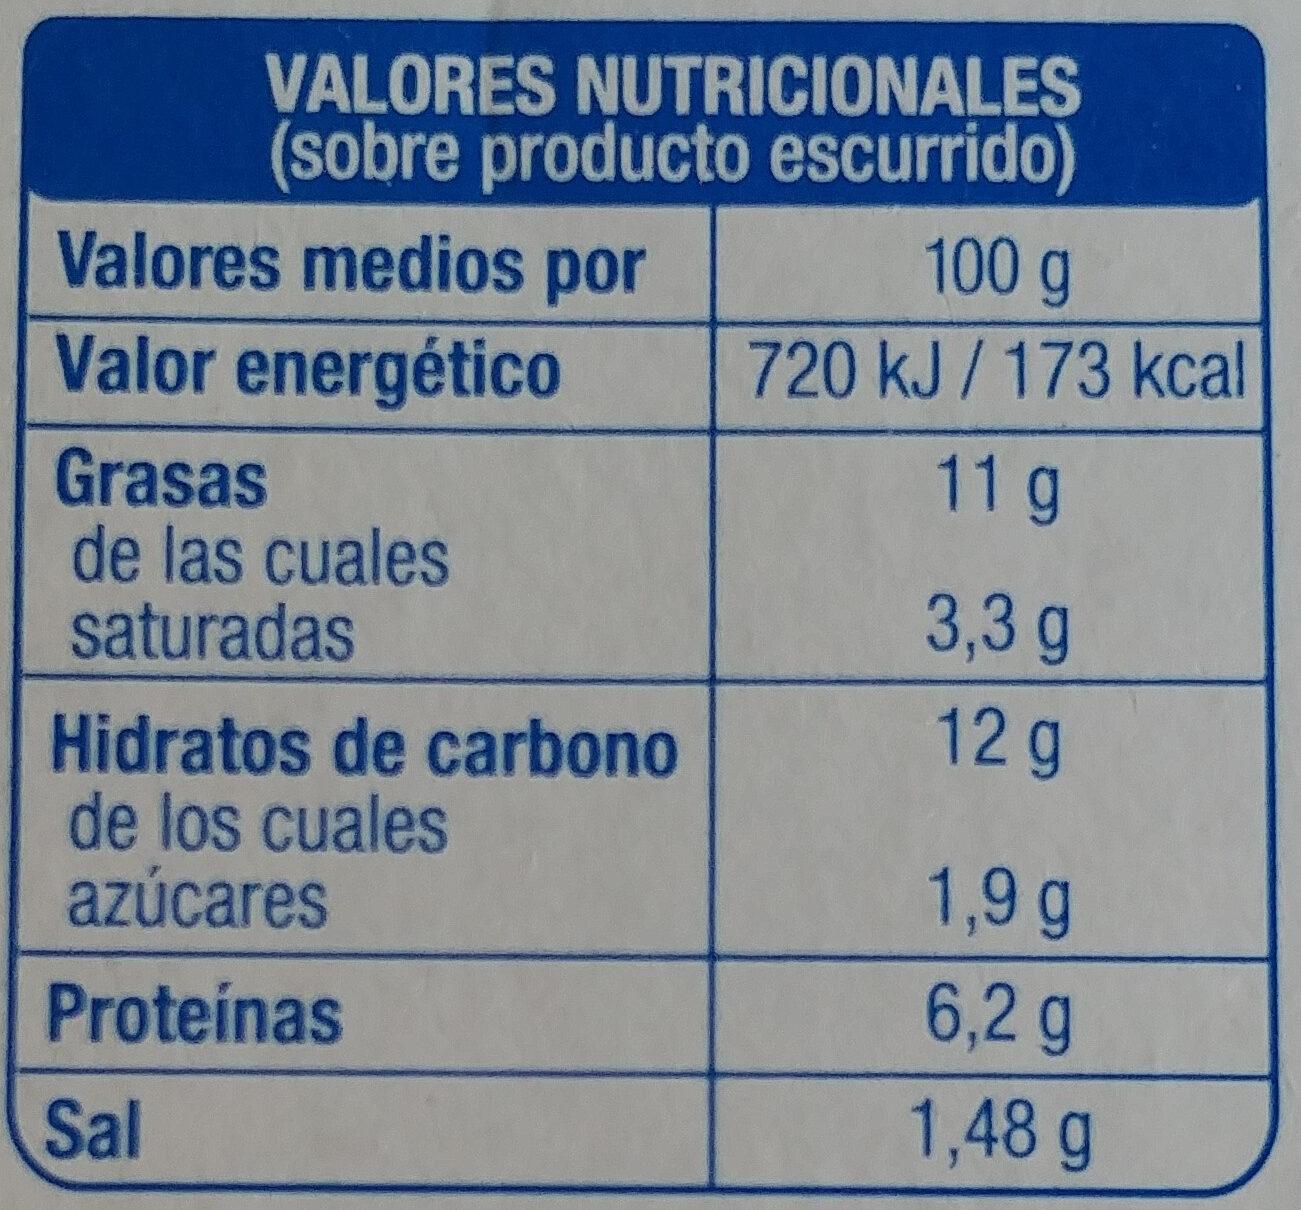 Caprichos al ajillo - Voedingswaarden - es